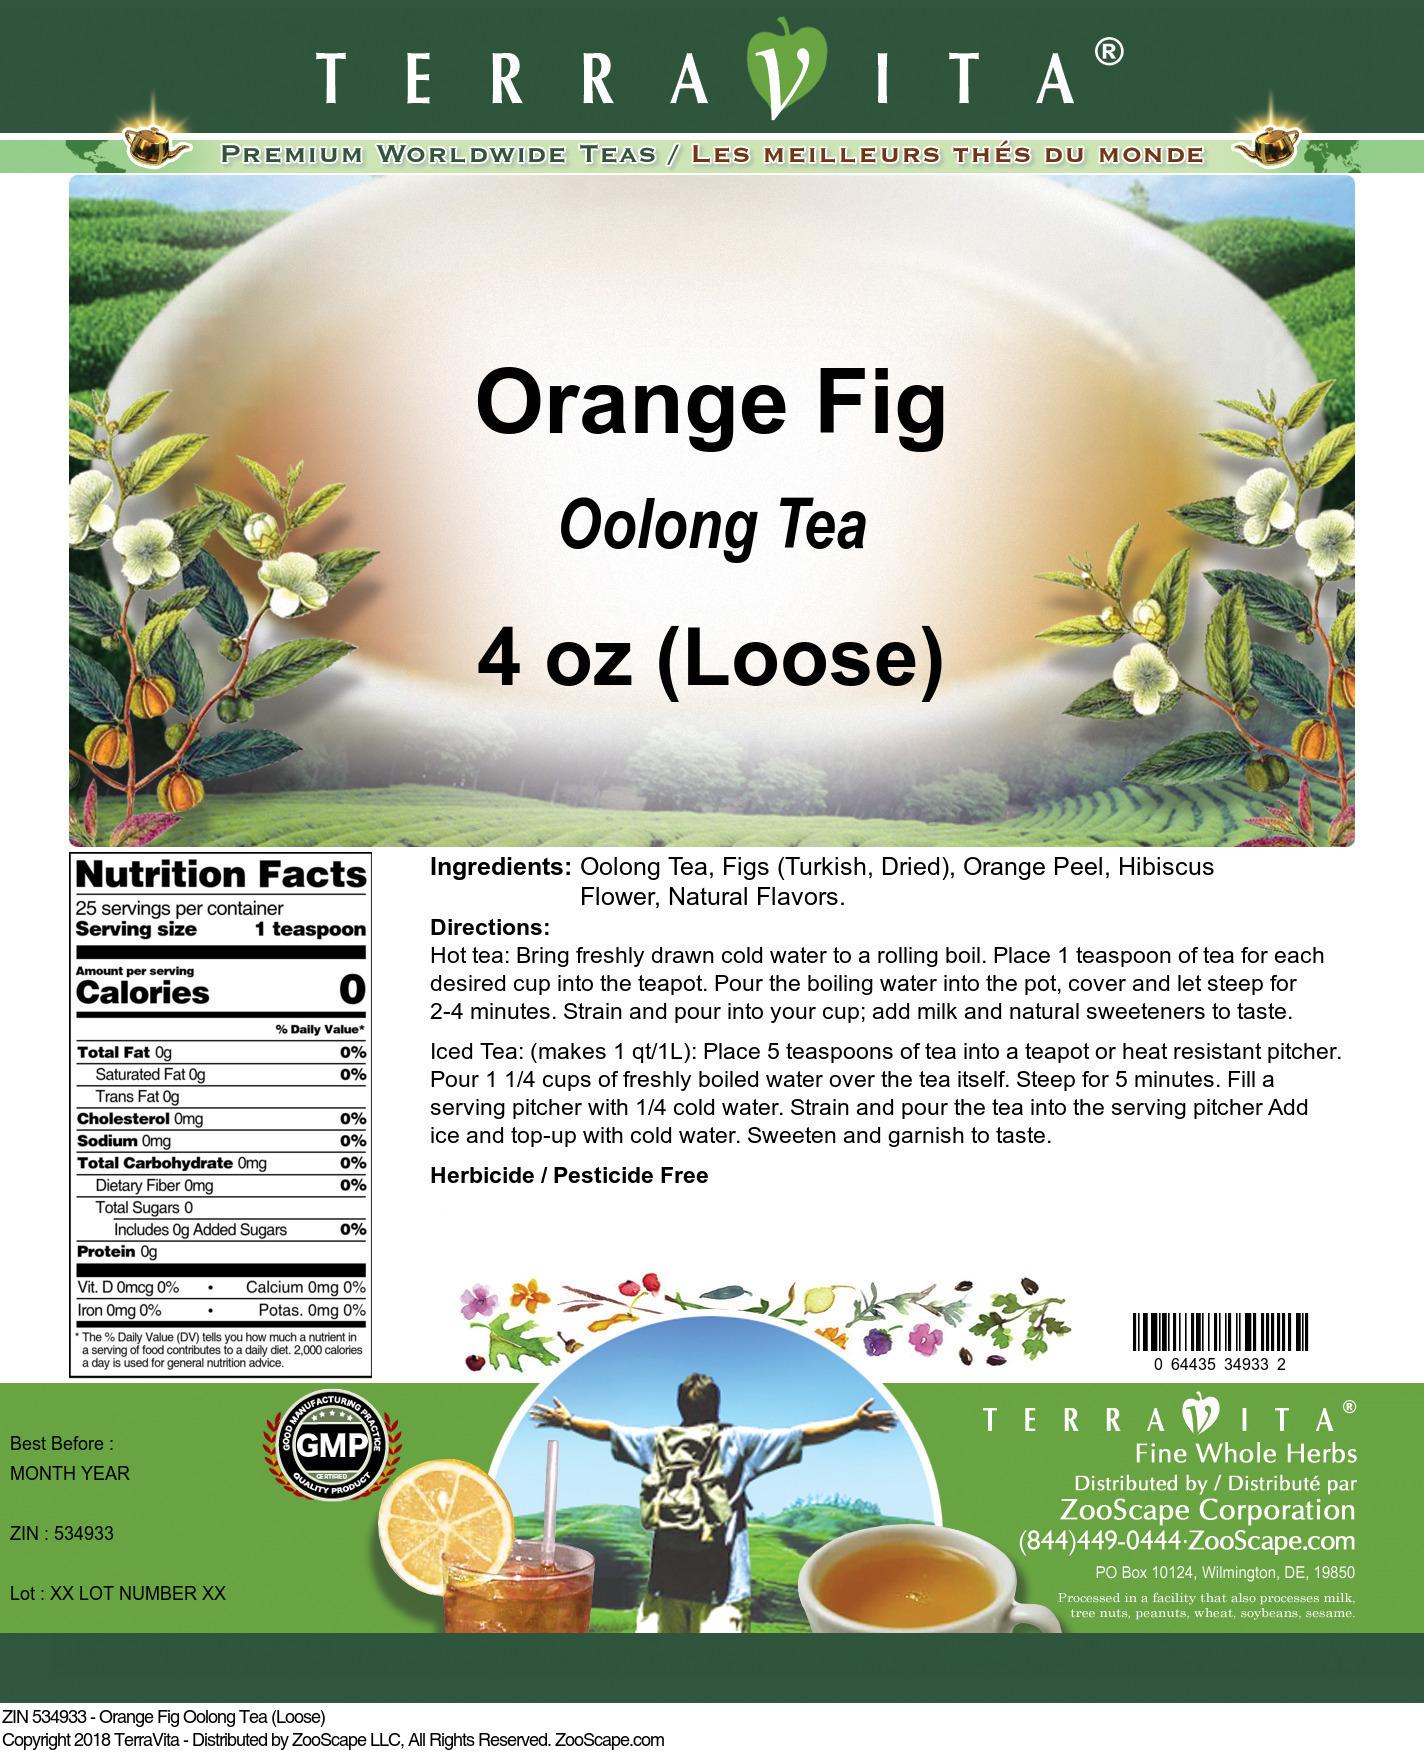 Orange Fig Oolong Tea (Loose)